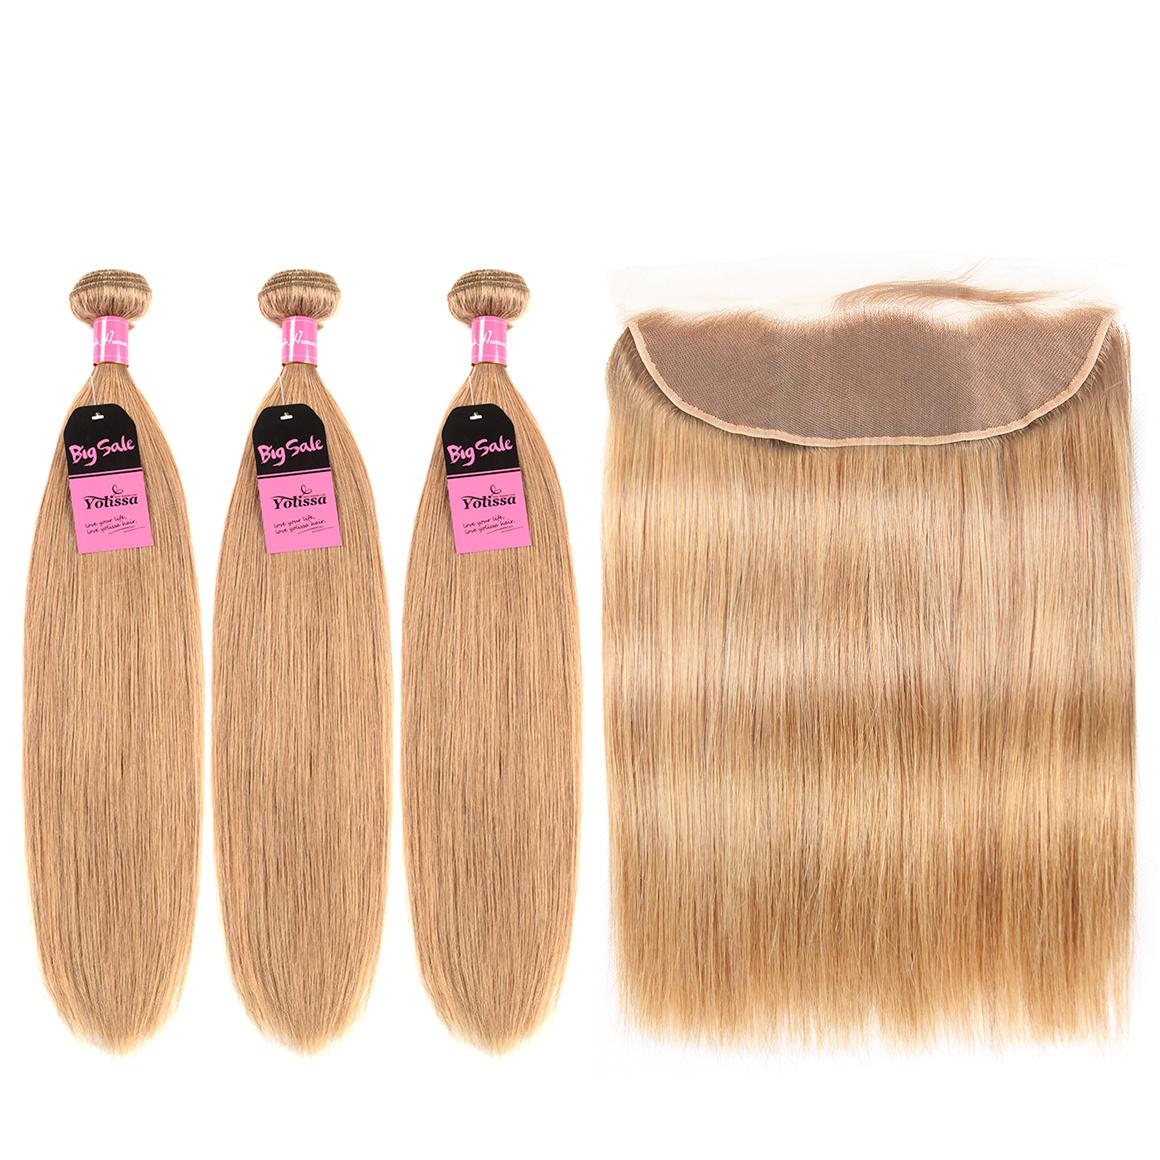 27 Hair Color 3 Bundles